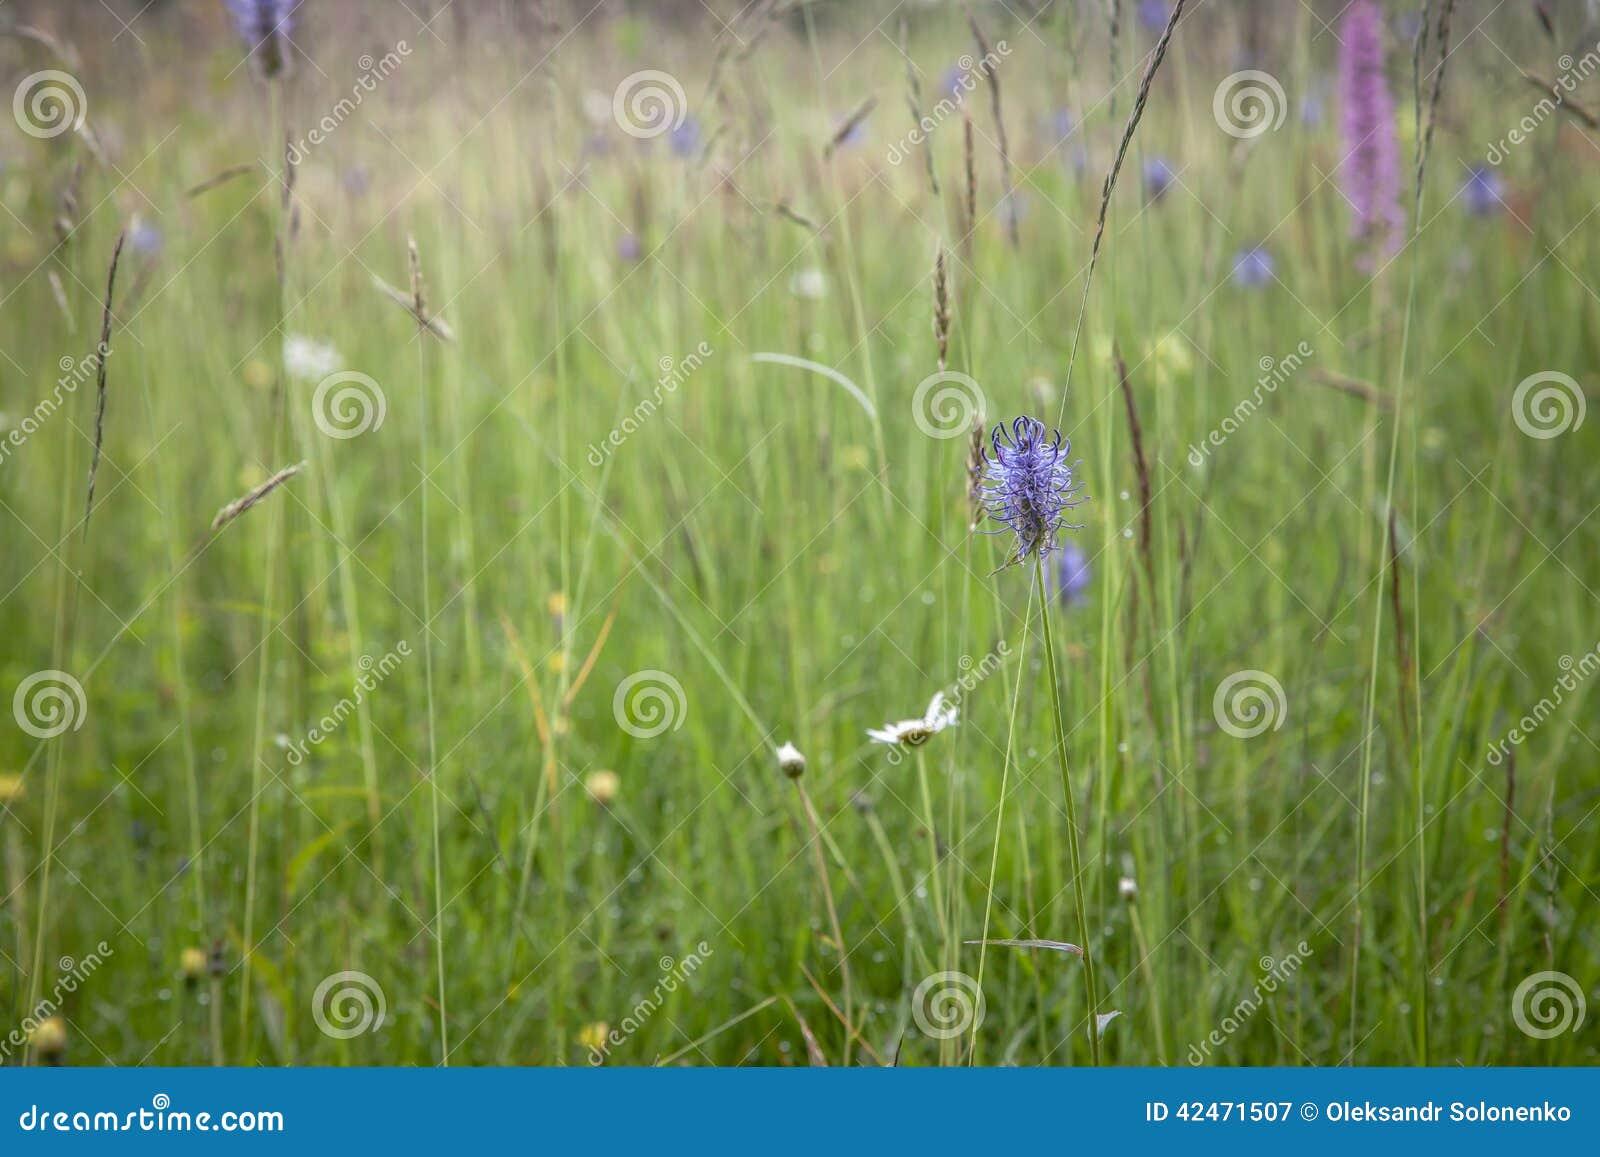 Heide blüht Hintergrund